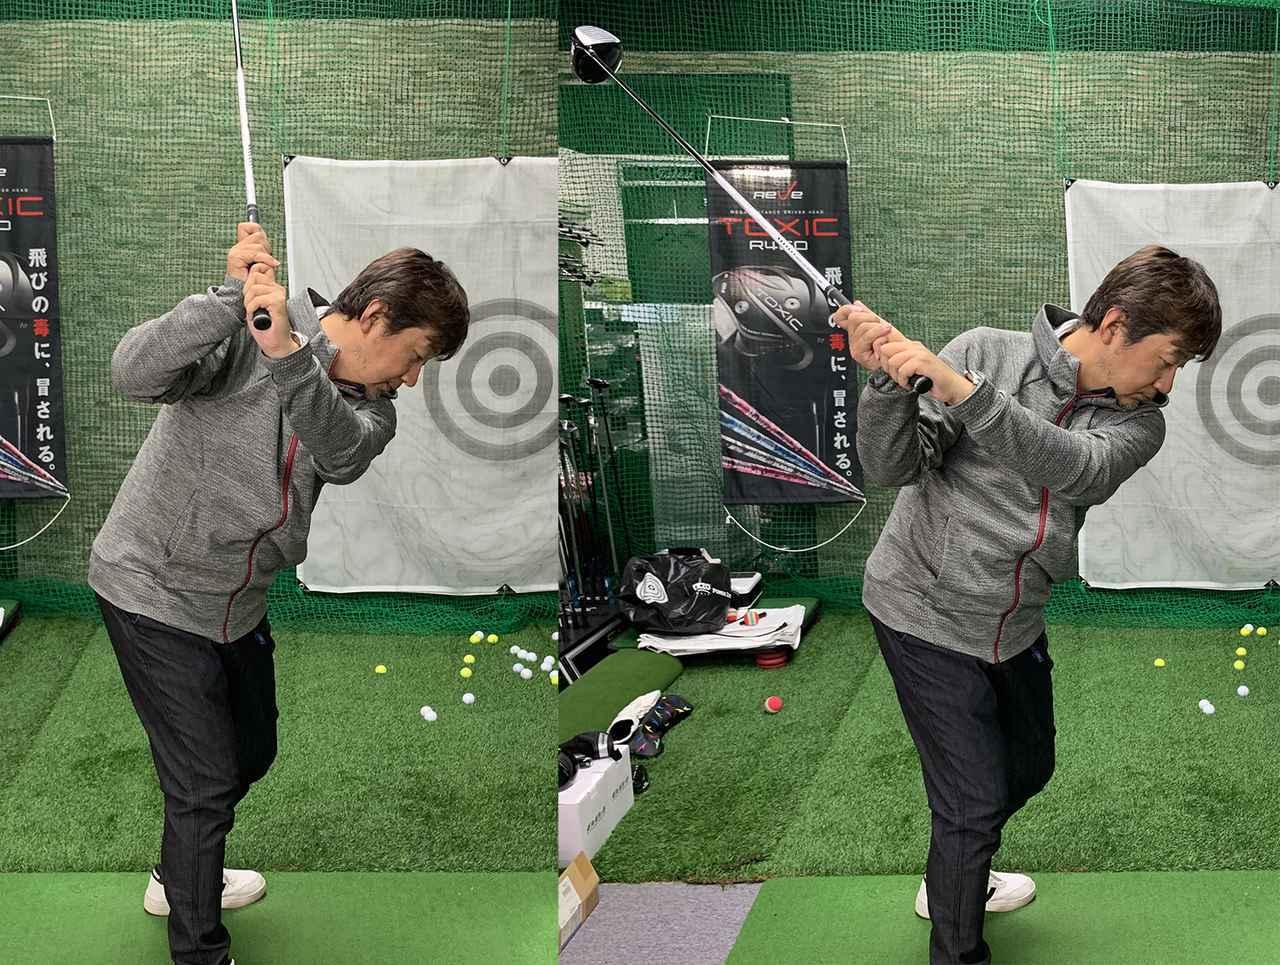 画像: 左肩を回していくと(左)右脇が空いてしまうのですが、右肩を後ろに動かしていくと(右)右脇の締まった良いトップになる